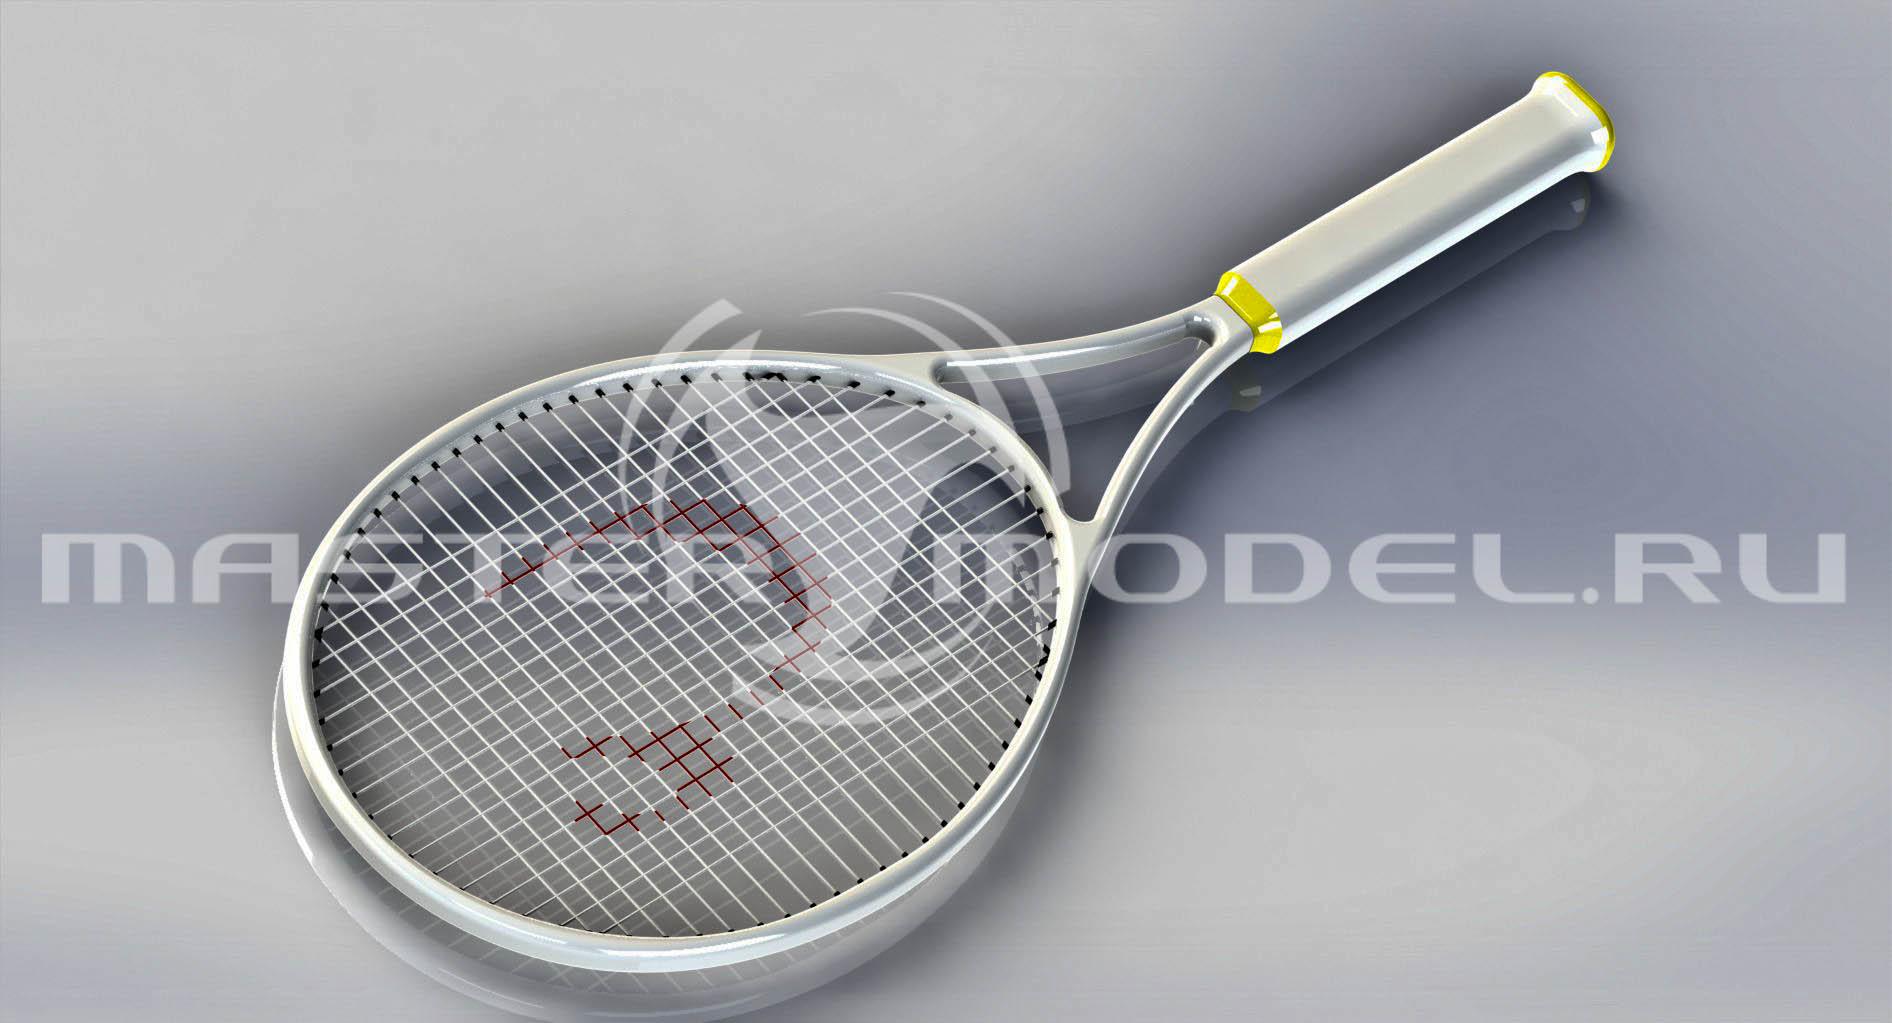 3D модель ракетки для большого тенниса SolidWorks